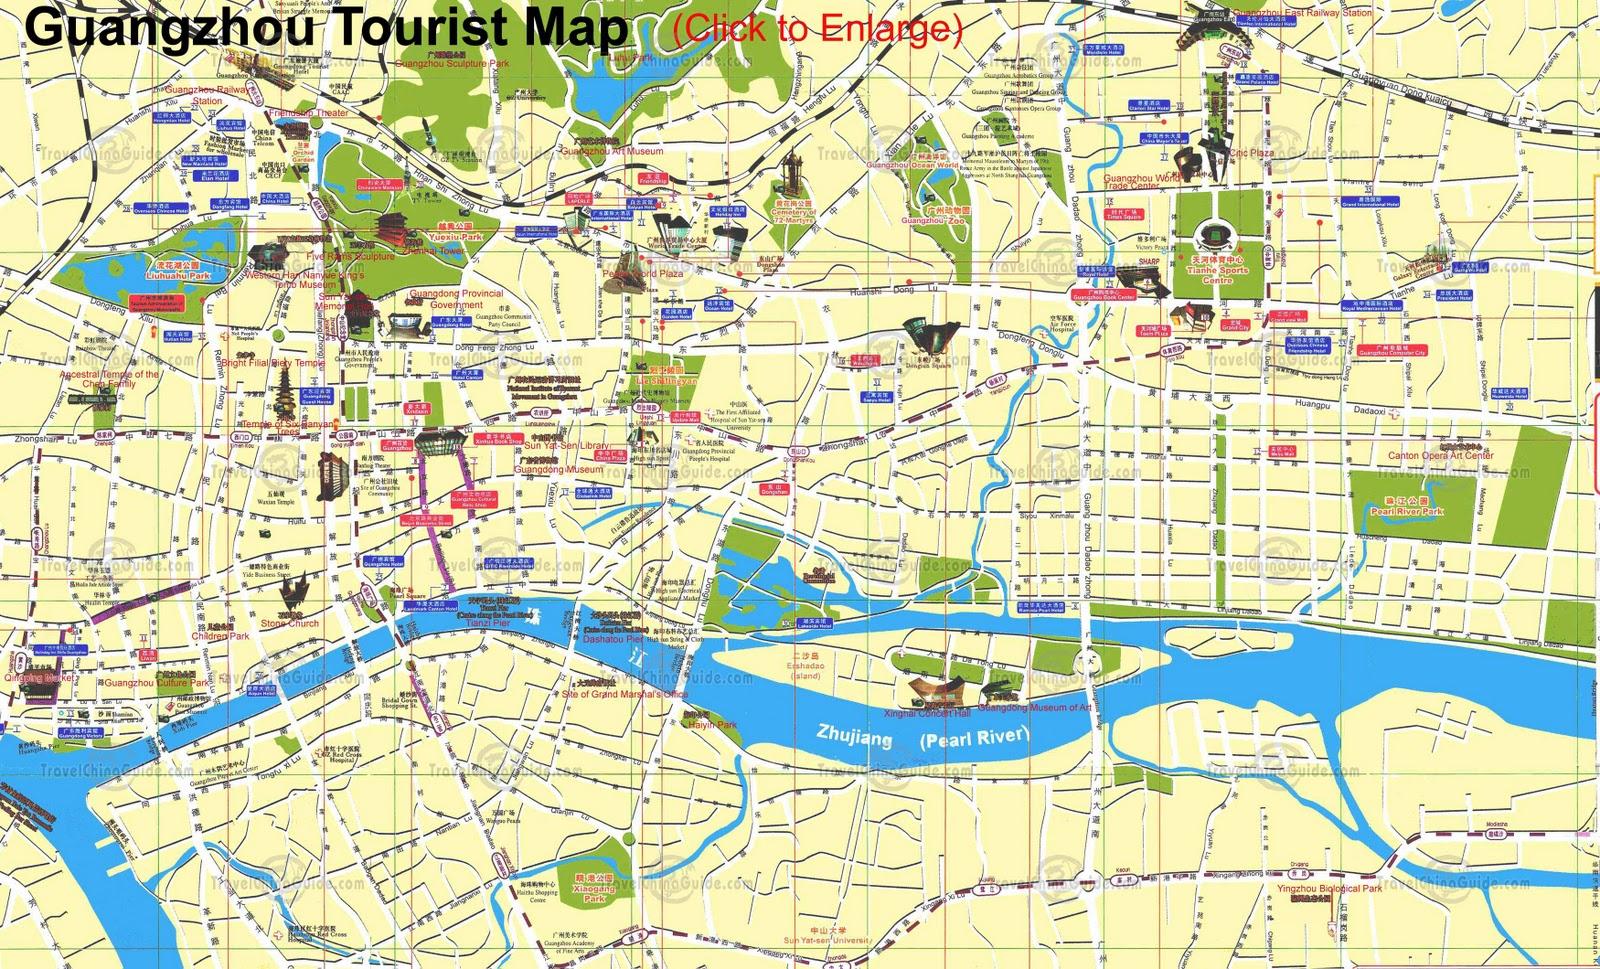 Kuala Lumpur Travel Guide Map